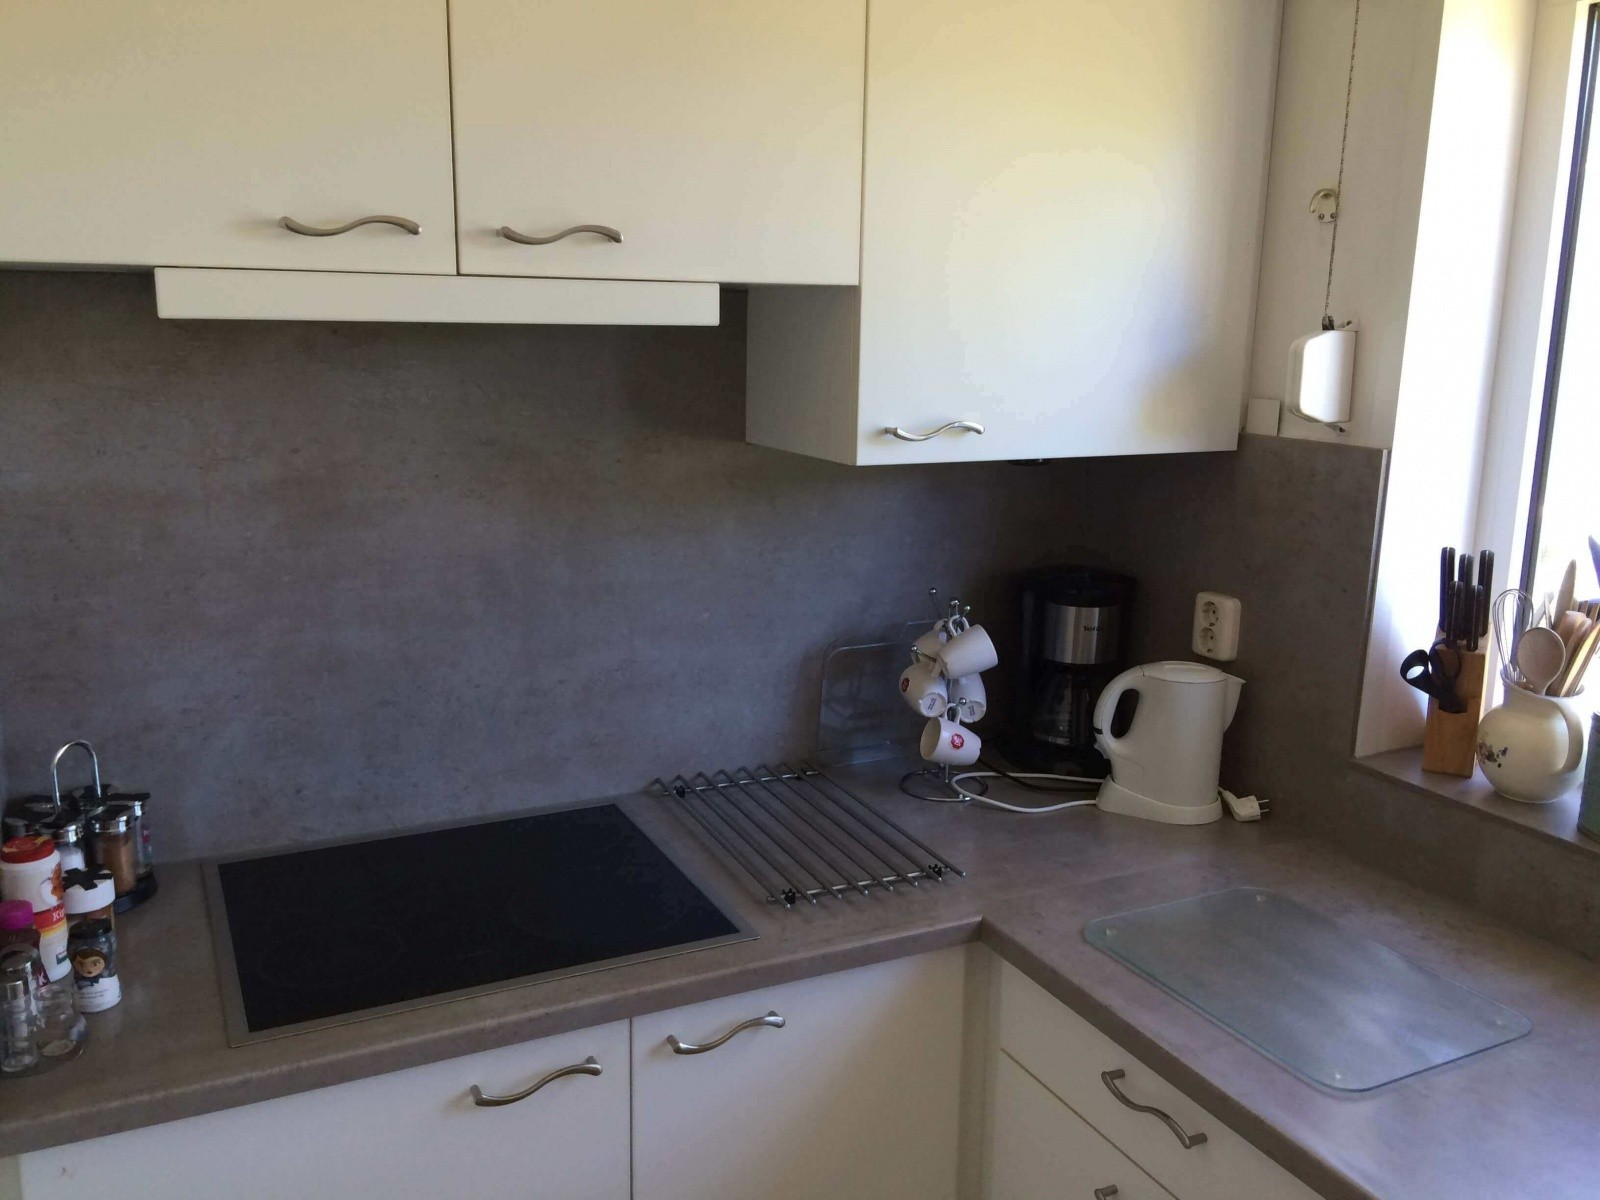 De keuken | Vakantiebungalow Joossesweg 65, Westkapelle